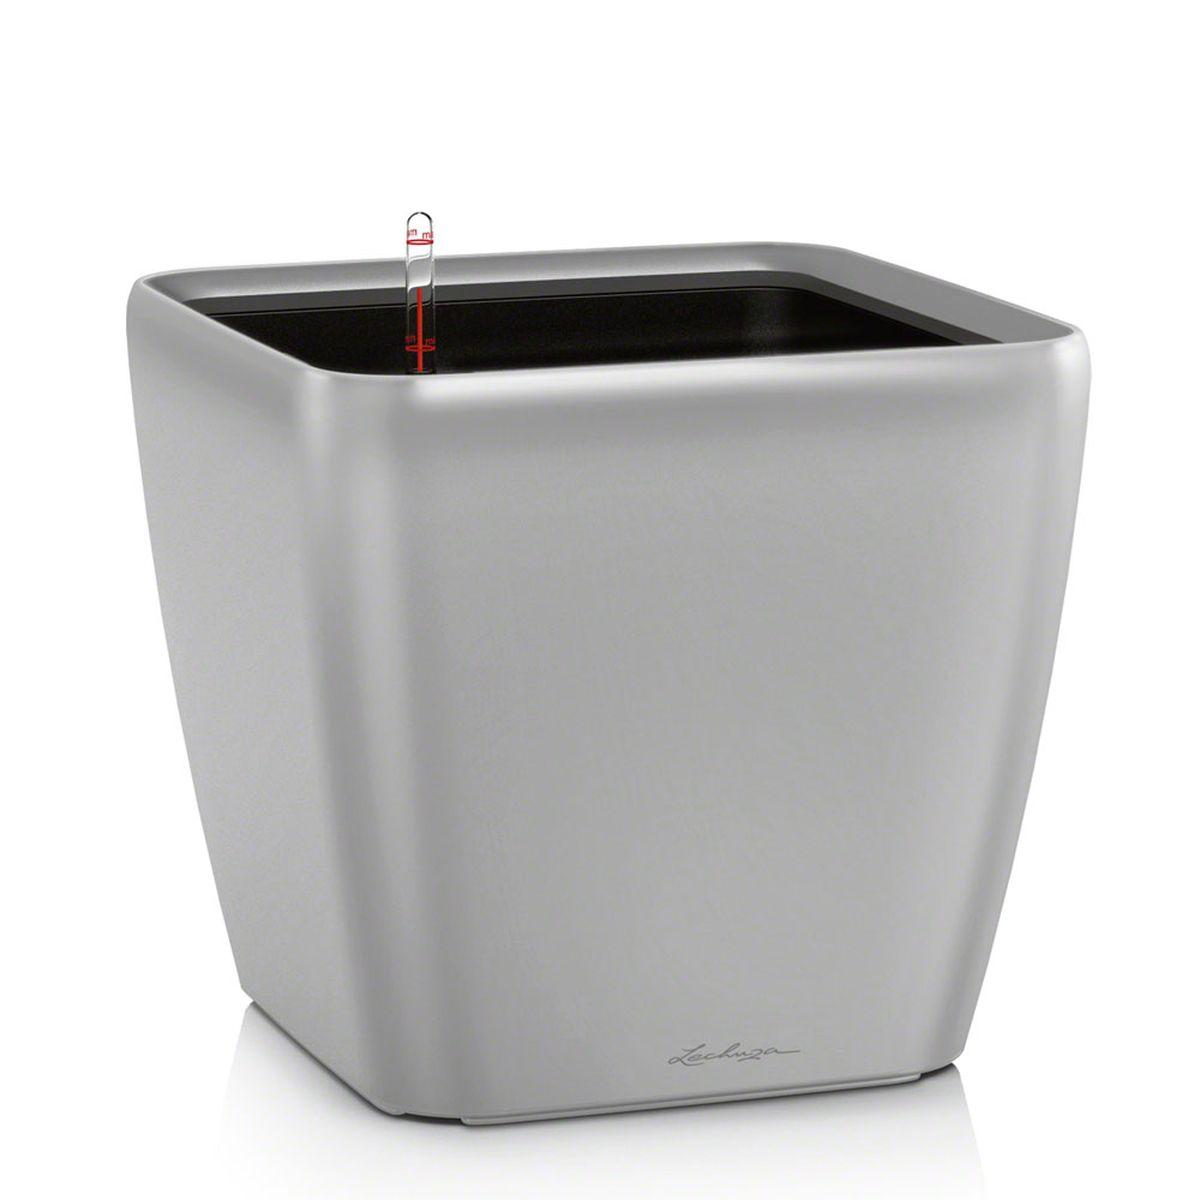 Кашпо Lechuza Quadro, с системой автополива, цвет: серебристый, 21 х 21 х 20 см1004900000360Кашпо Lechuza Quadro, выполненное из высококачественного пластика, имеет уникальную систему автополива, благодаря которой корневая система растения непрерывно снабжается влагой из резервуара. Уровень воды в резервуаре контролируется с помощью специального индикатора. В зависимости от размера кашпо и растения воды хватает на 2-12 недель. Это способствует хорошему росту цветов и предотвращает переувлажнение.В набор входит: кашпо, внутренний горшок с выдвижной эргономичной ручкой, индикатор уровня воды, вал подачи воды, субстрат растений в качестве дренажного слоя, резервуар для воды.Кашпо Lechuza Quadro прекрасно впишется в любой интерьер. Оно поможет расставить нужные акценты, а также придаст помещению вид, соответствующий вашим представлениям.